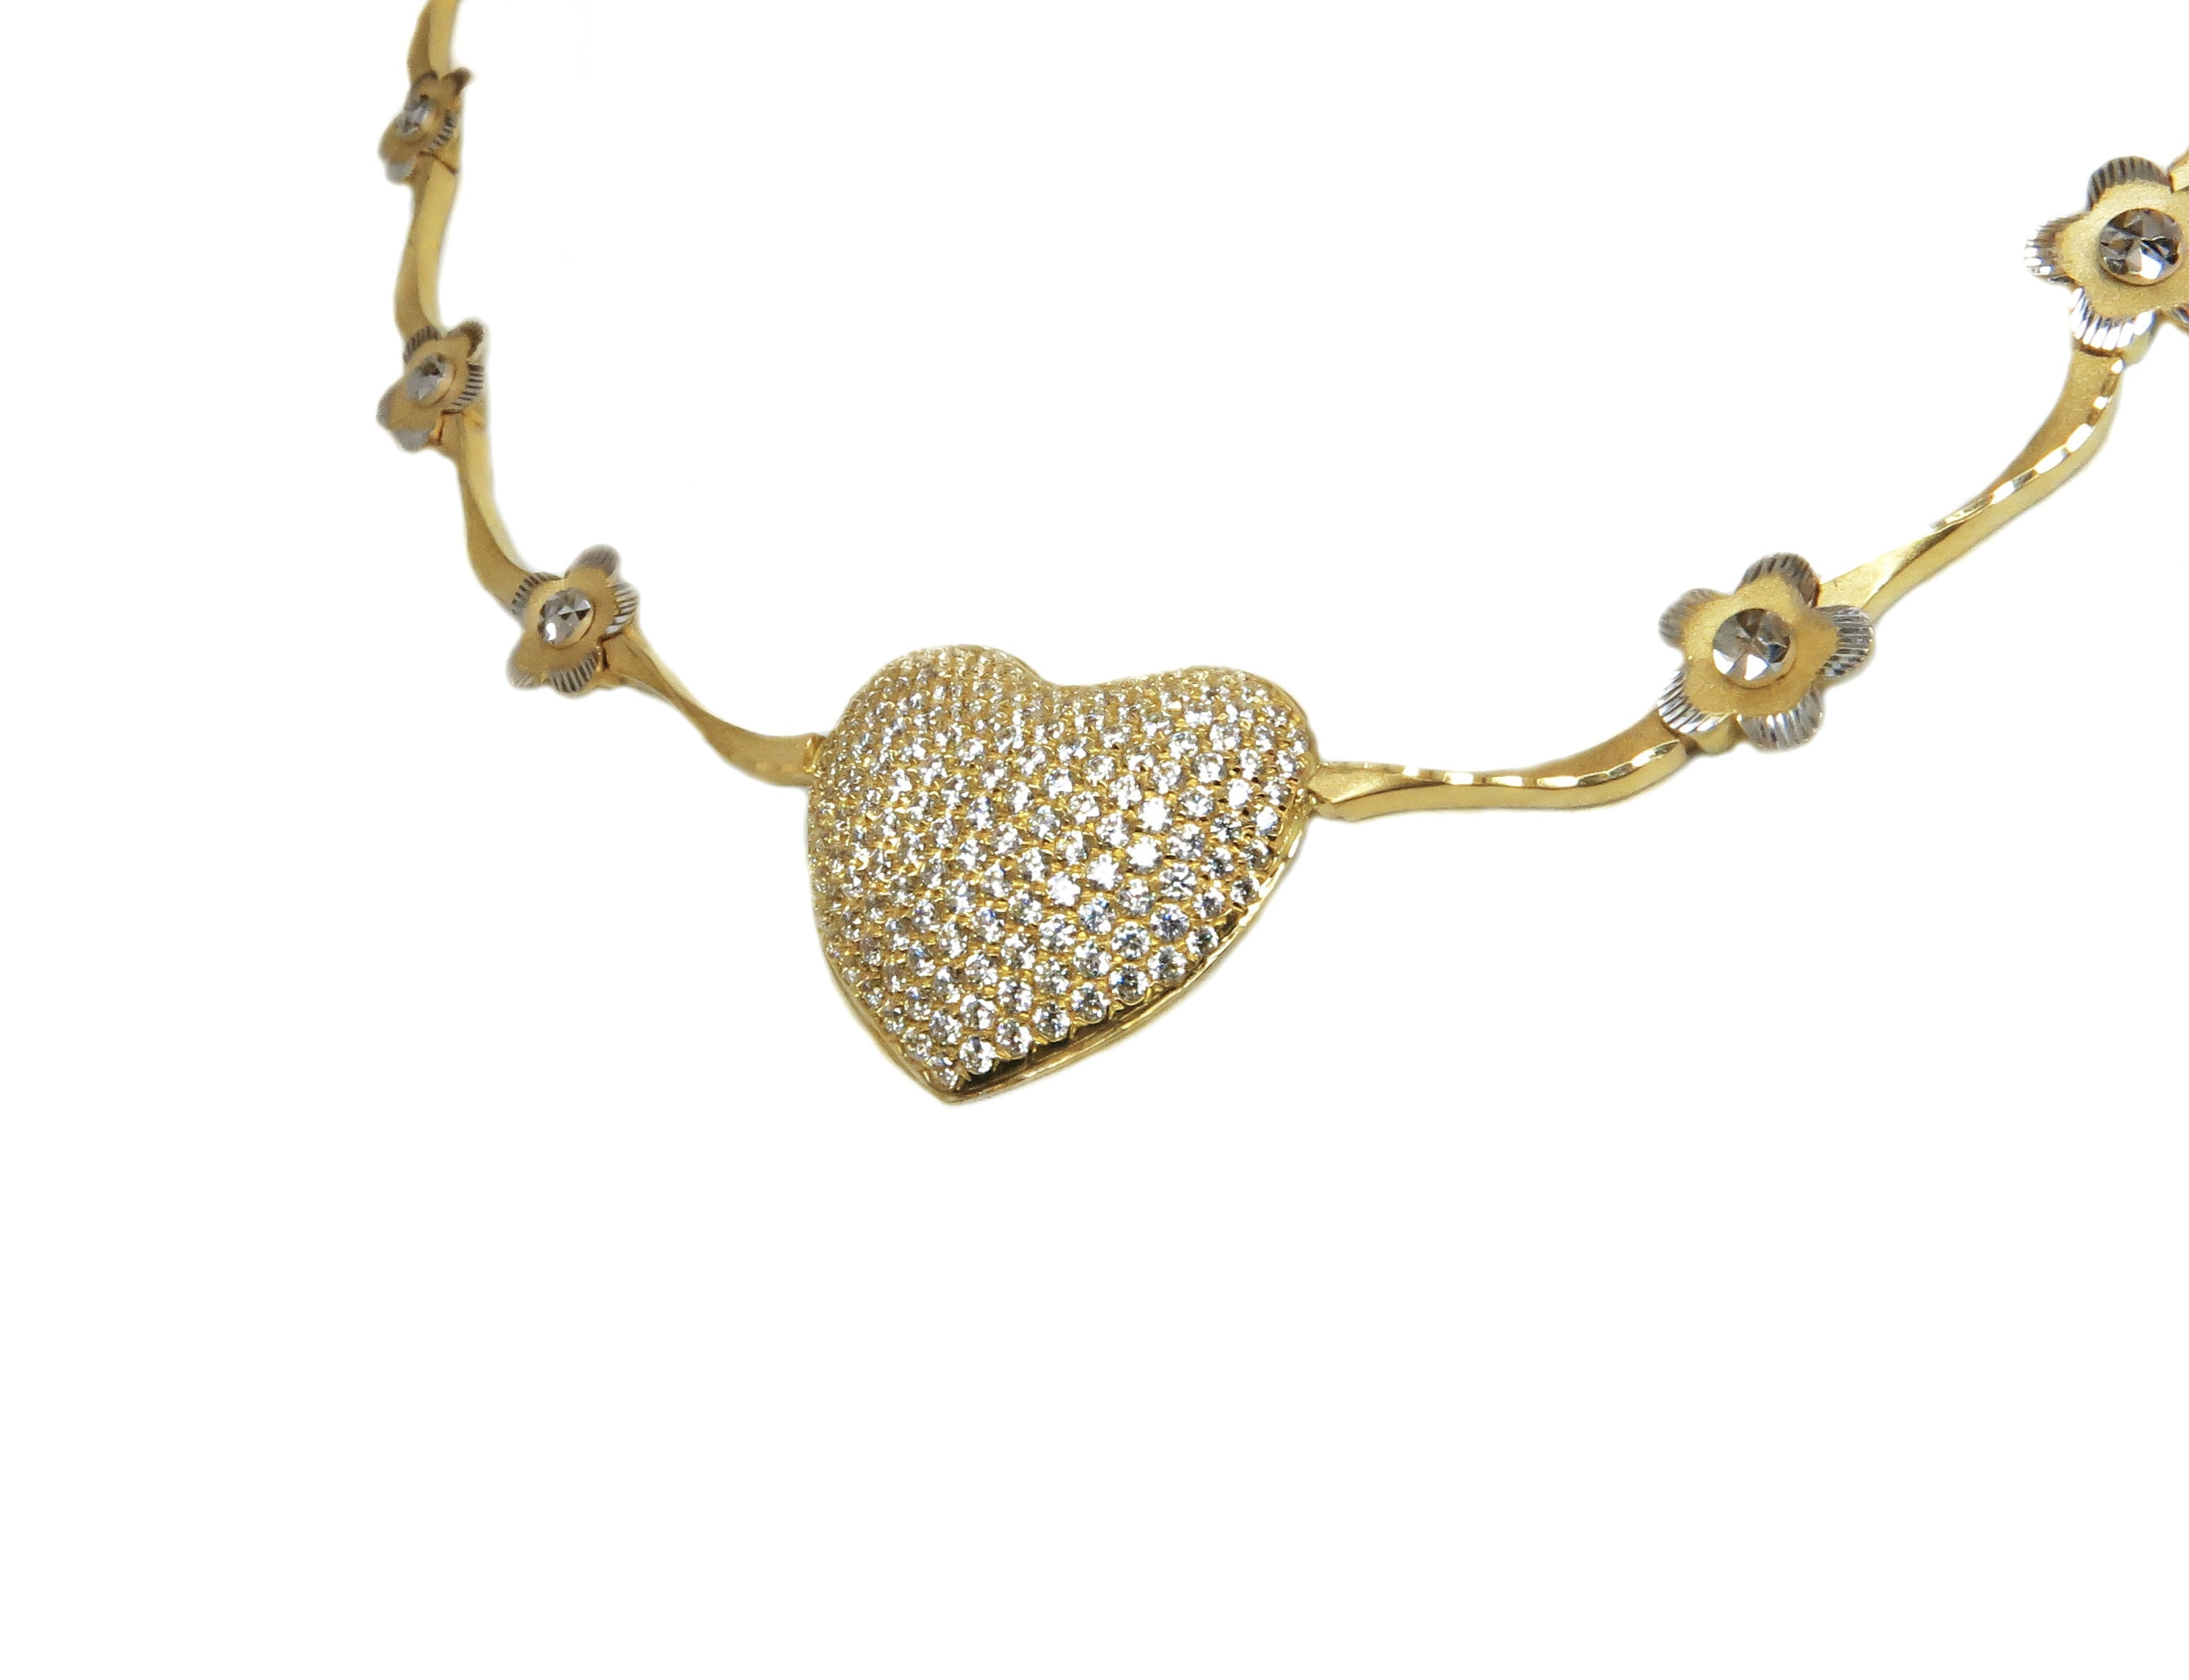 קולייר (ענק) זהב בצורת לב משובץ זרקונים חוליות מעוטרות בפרחים